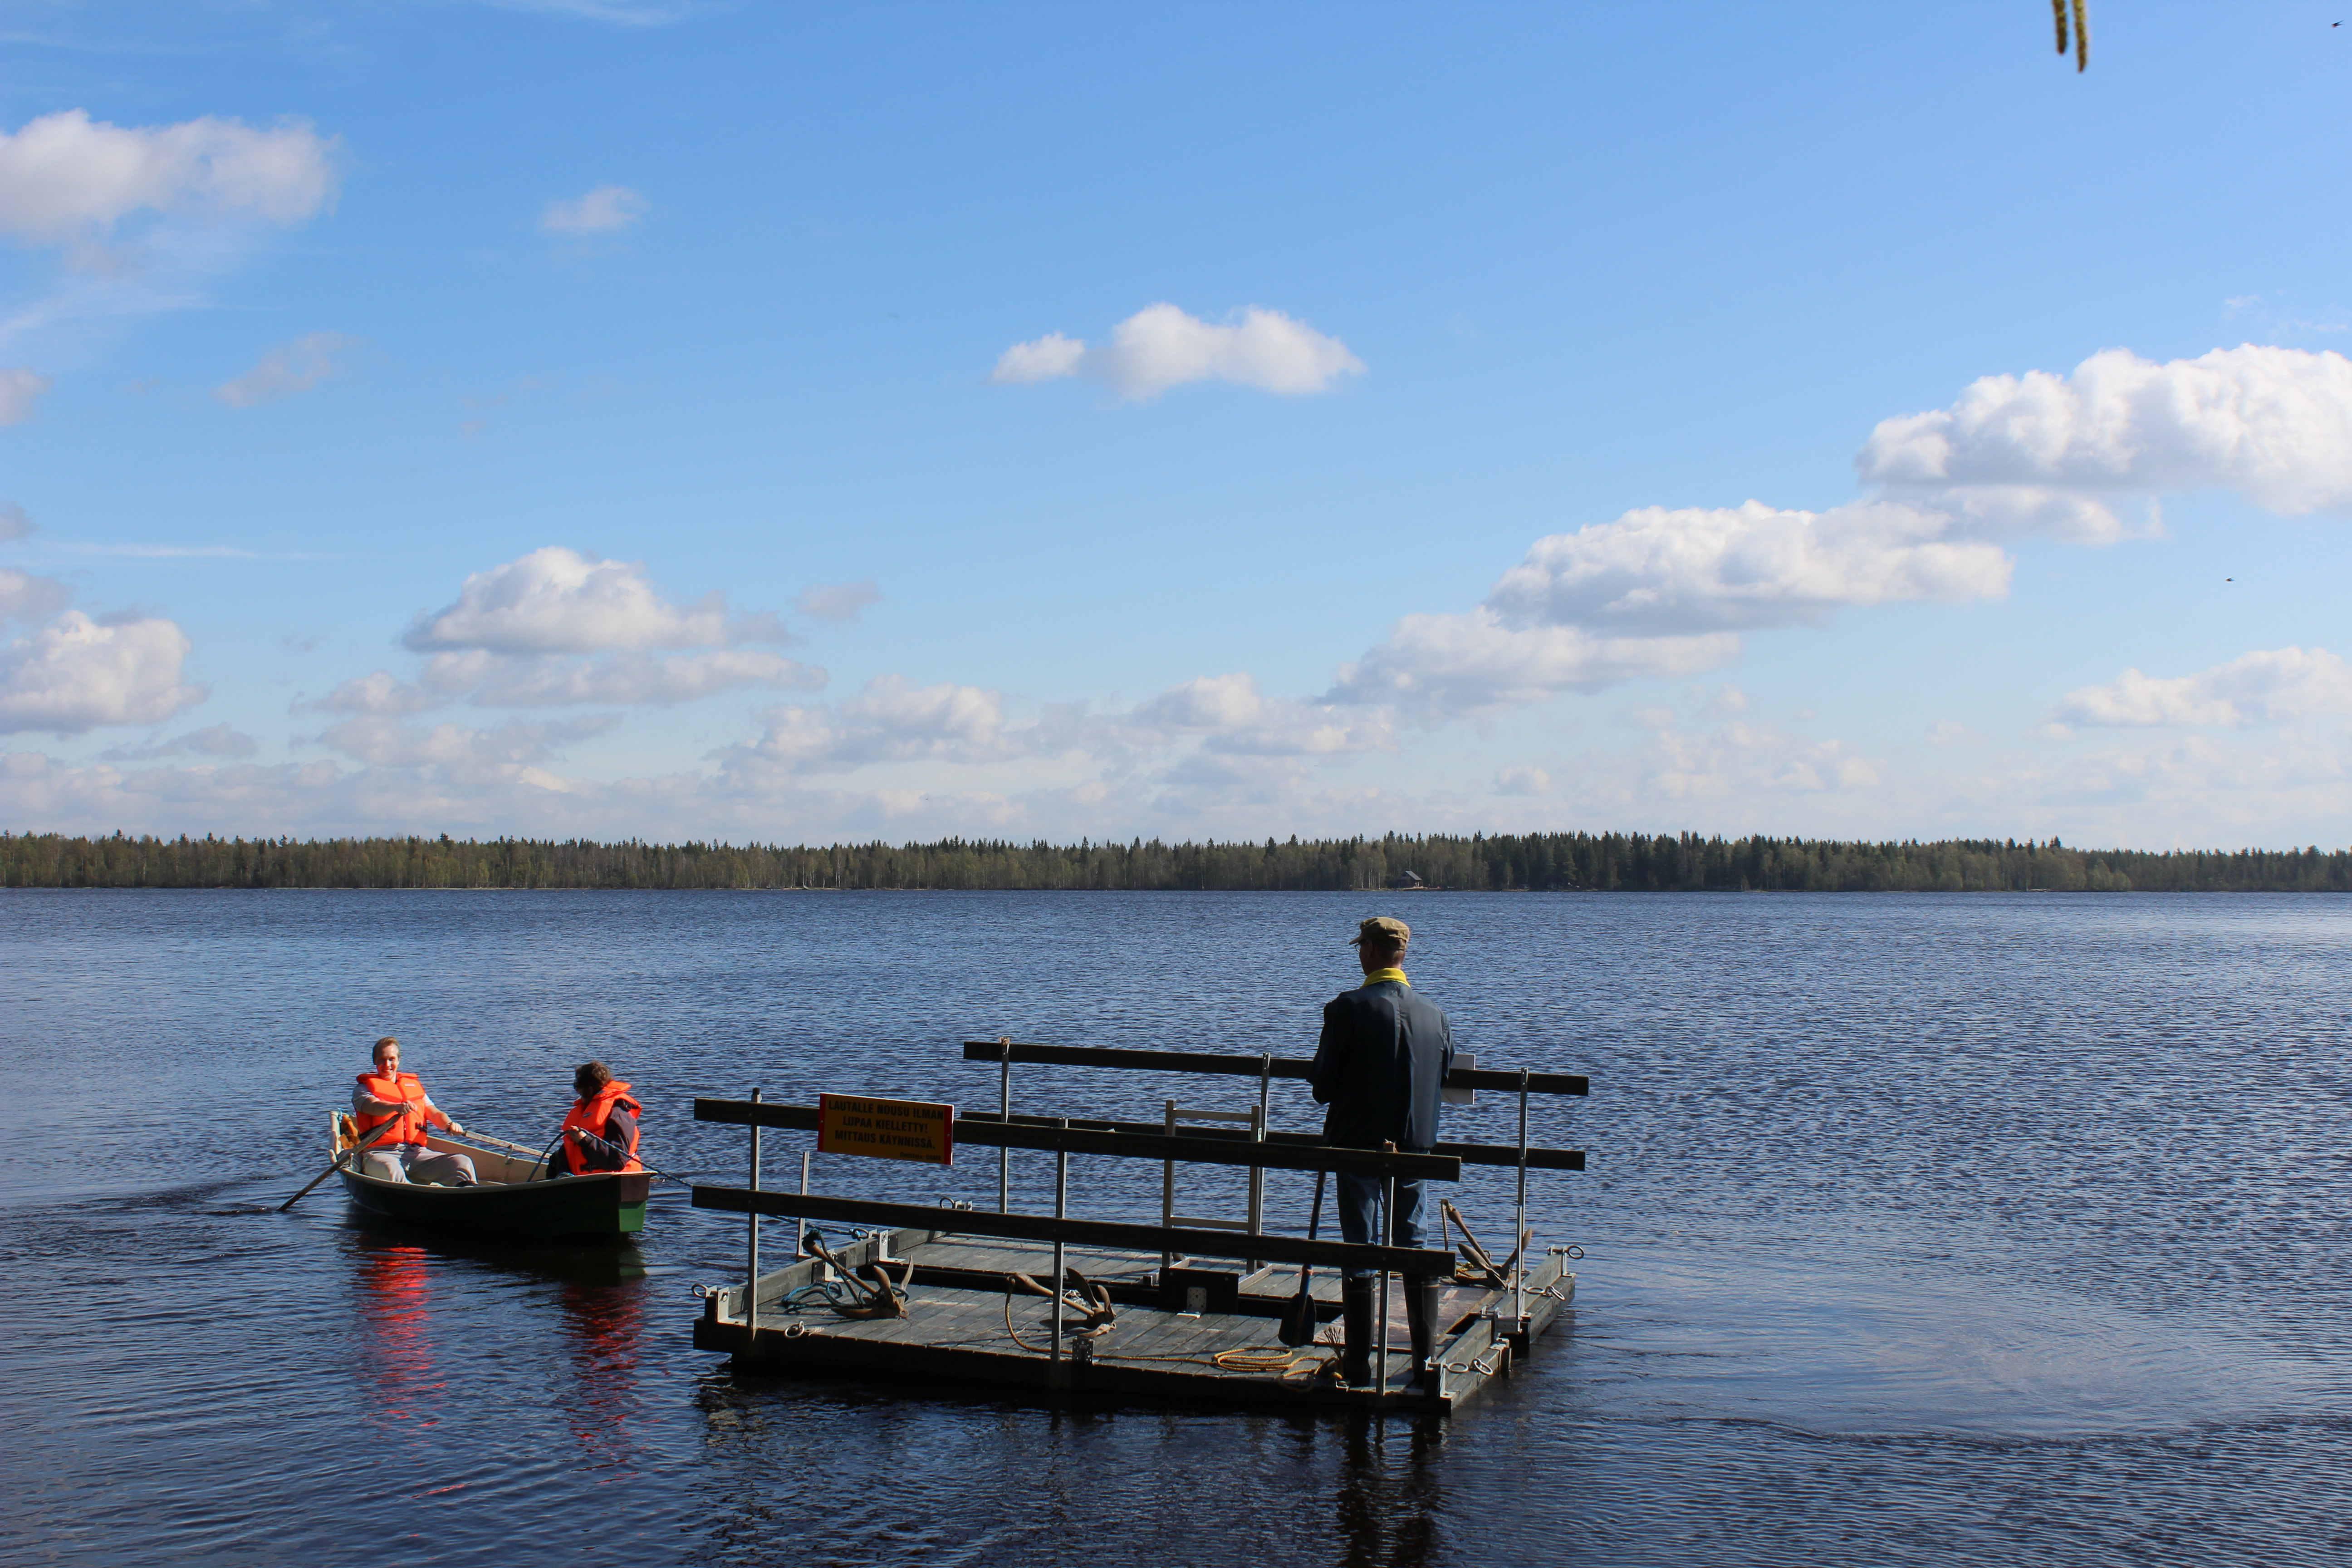 Mankilanjärvi